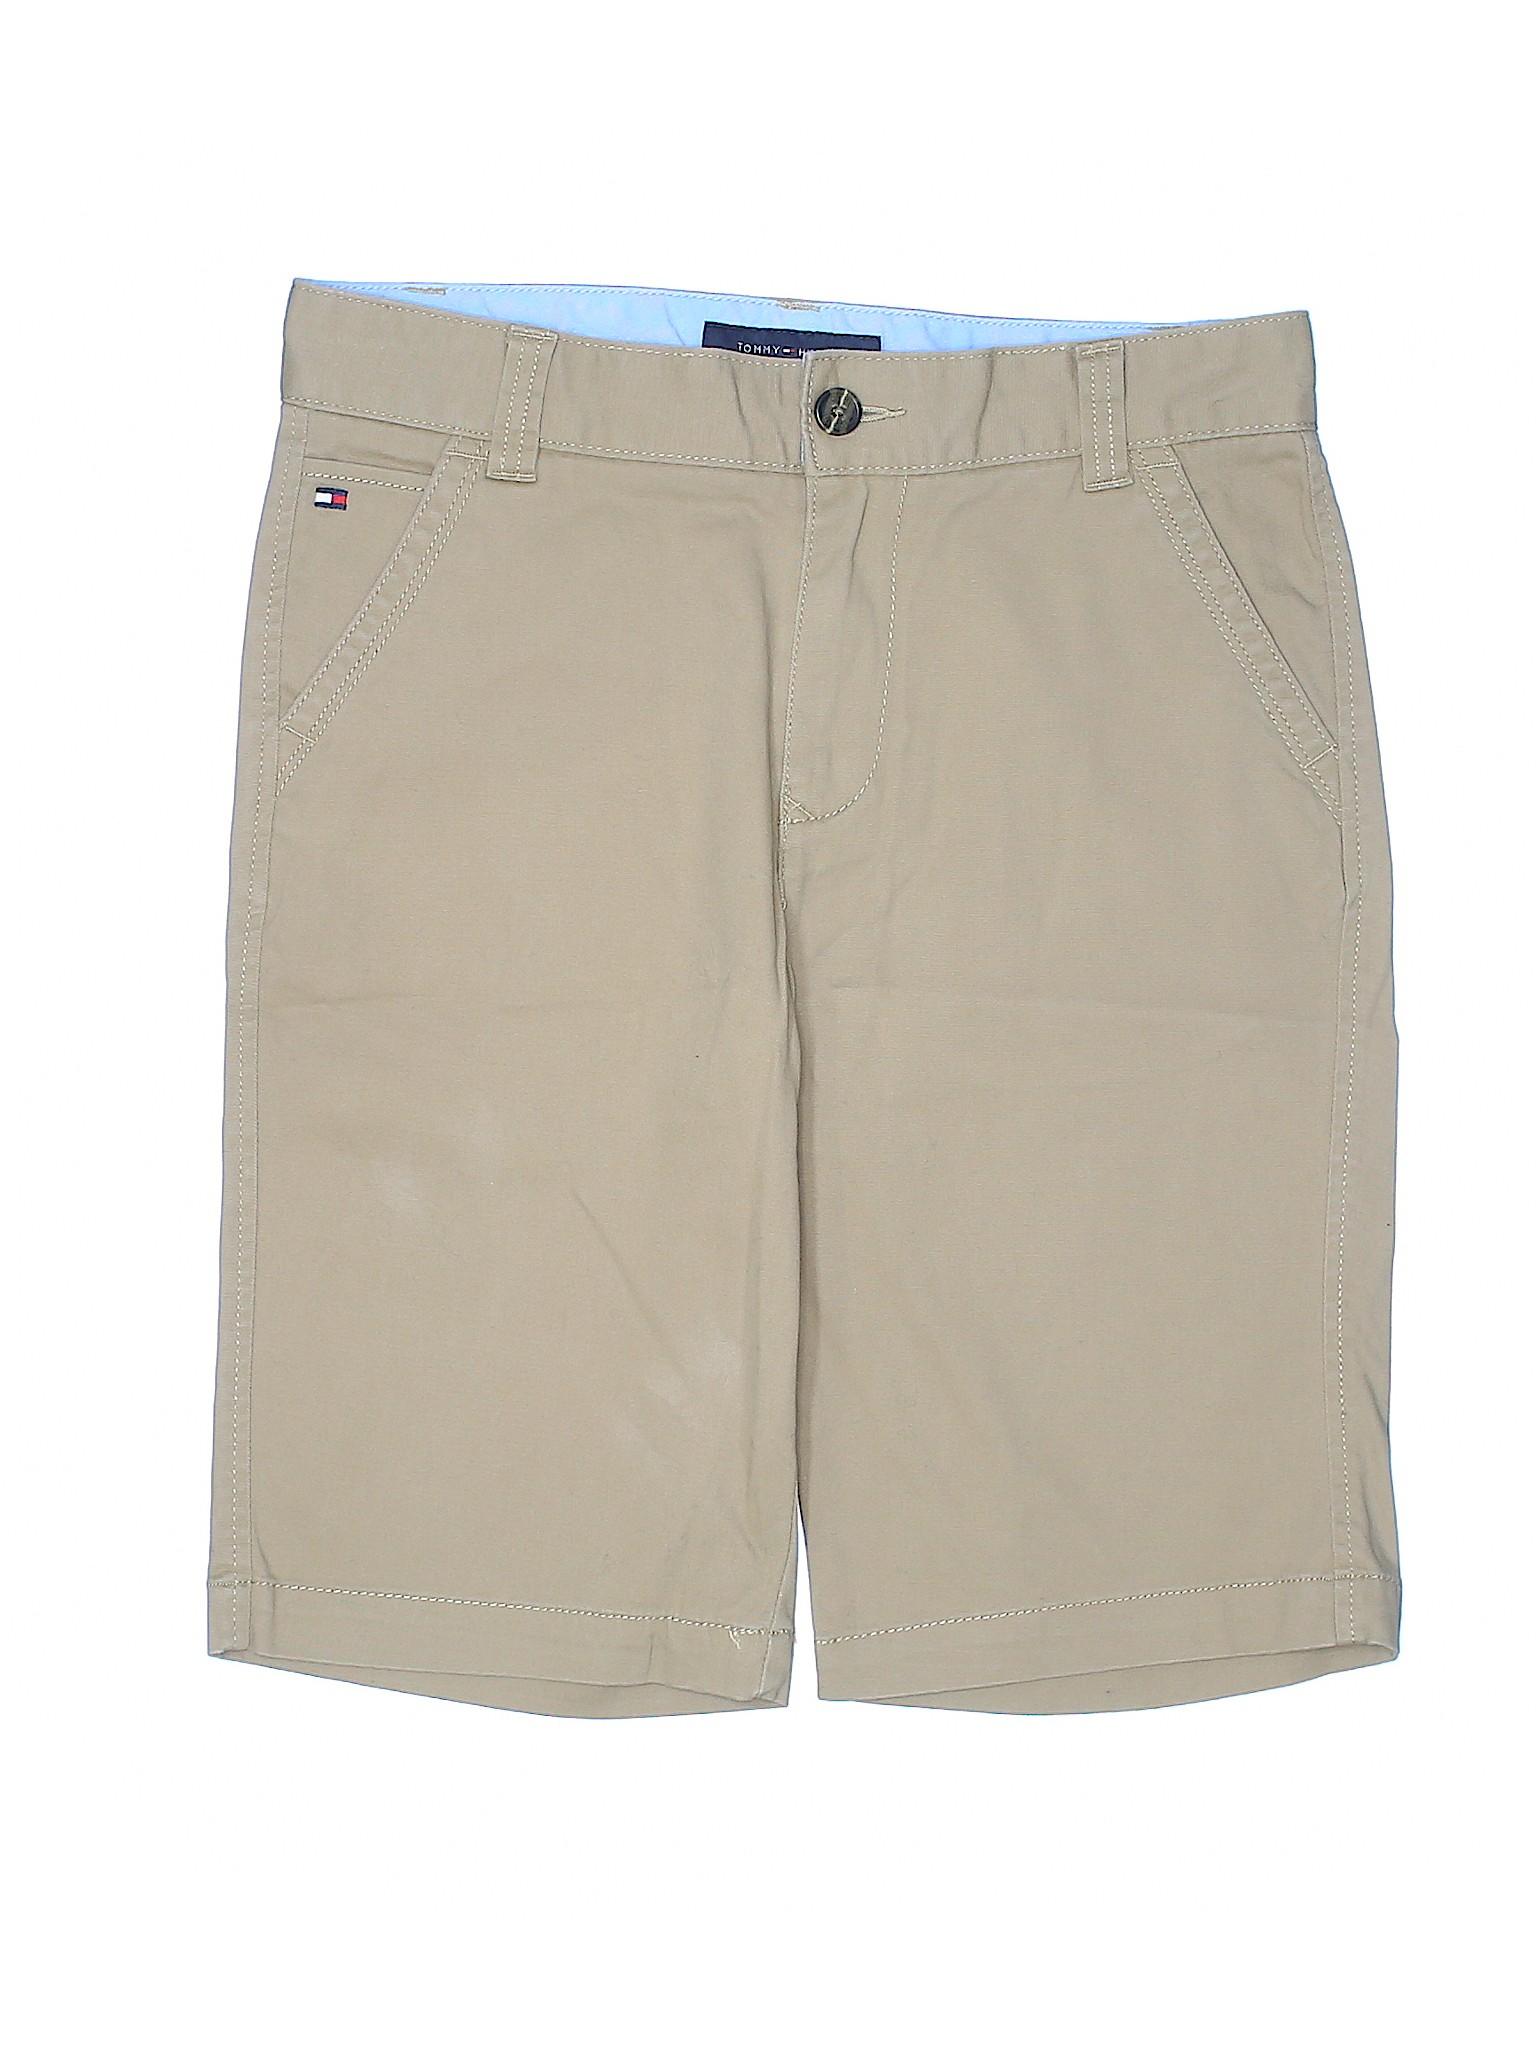 Shorts Tommy Tommy Hilfiger Boutique Hilfiger Khaki Boutique Boutique Tommy Boutique Khaki Shorts Shorts Khaki Hilfiger Tommy AqZWd